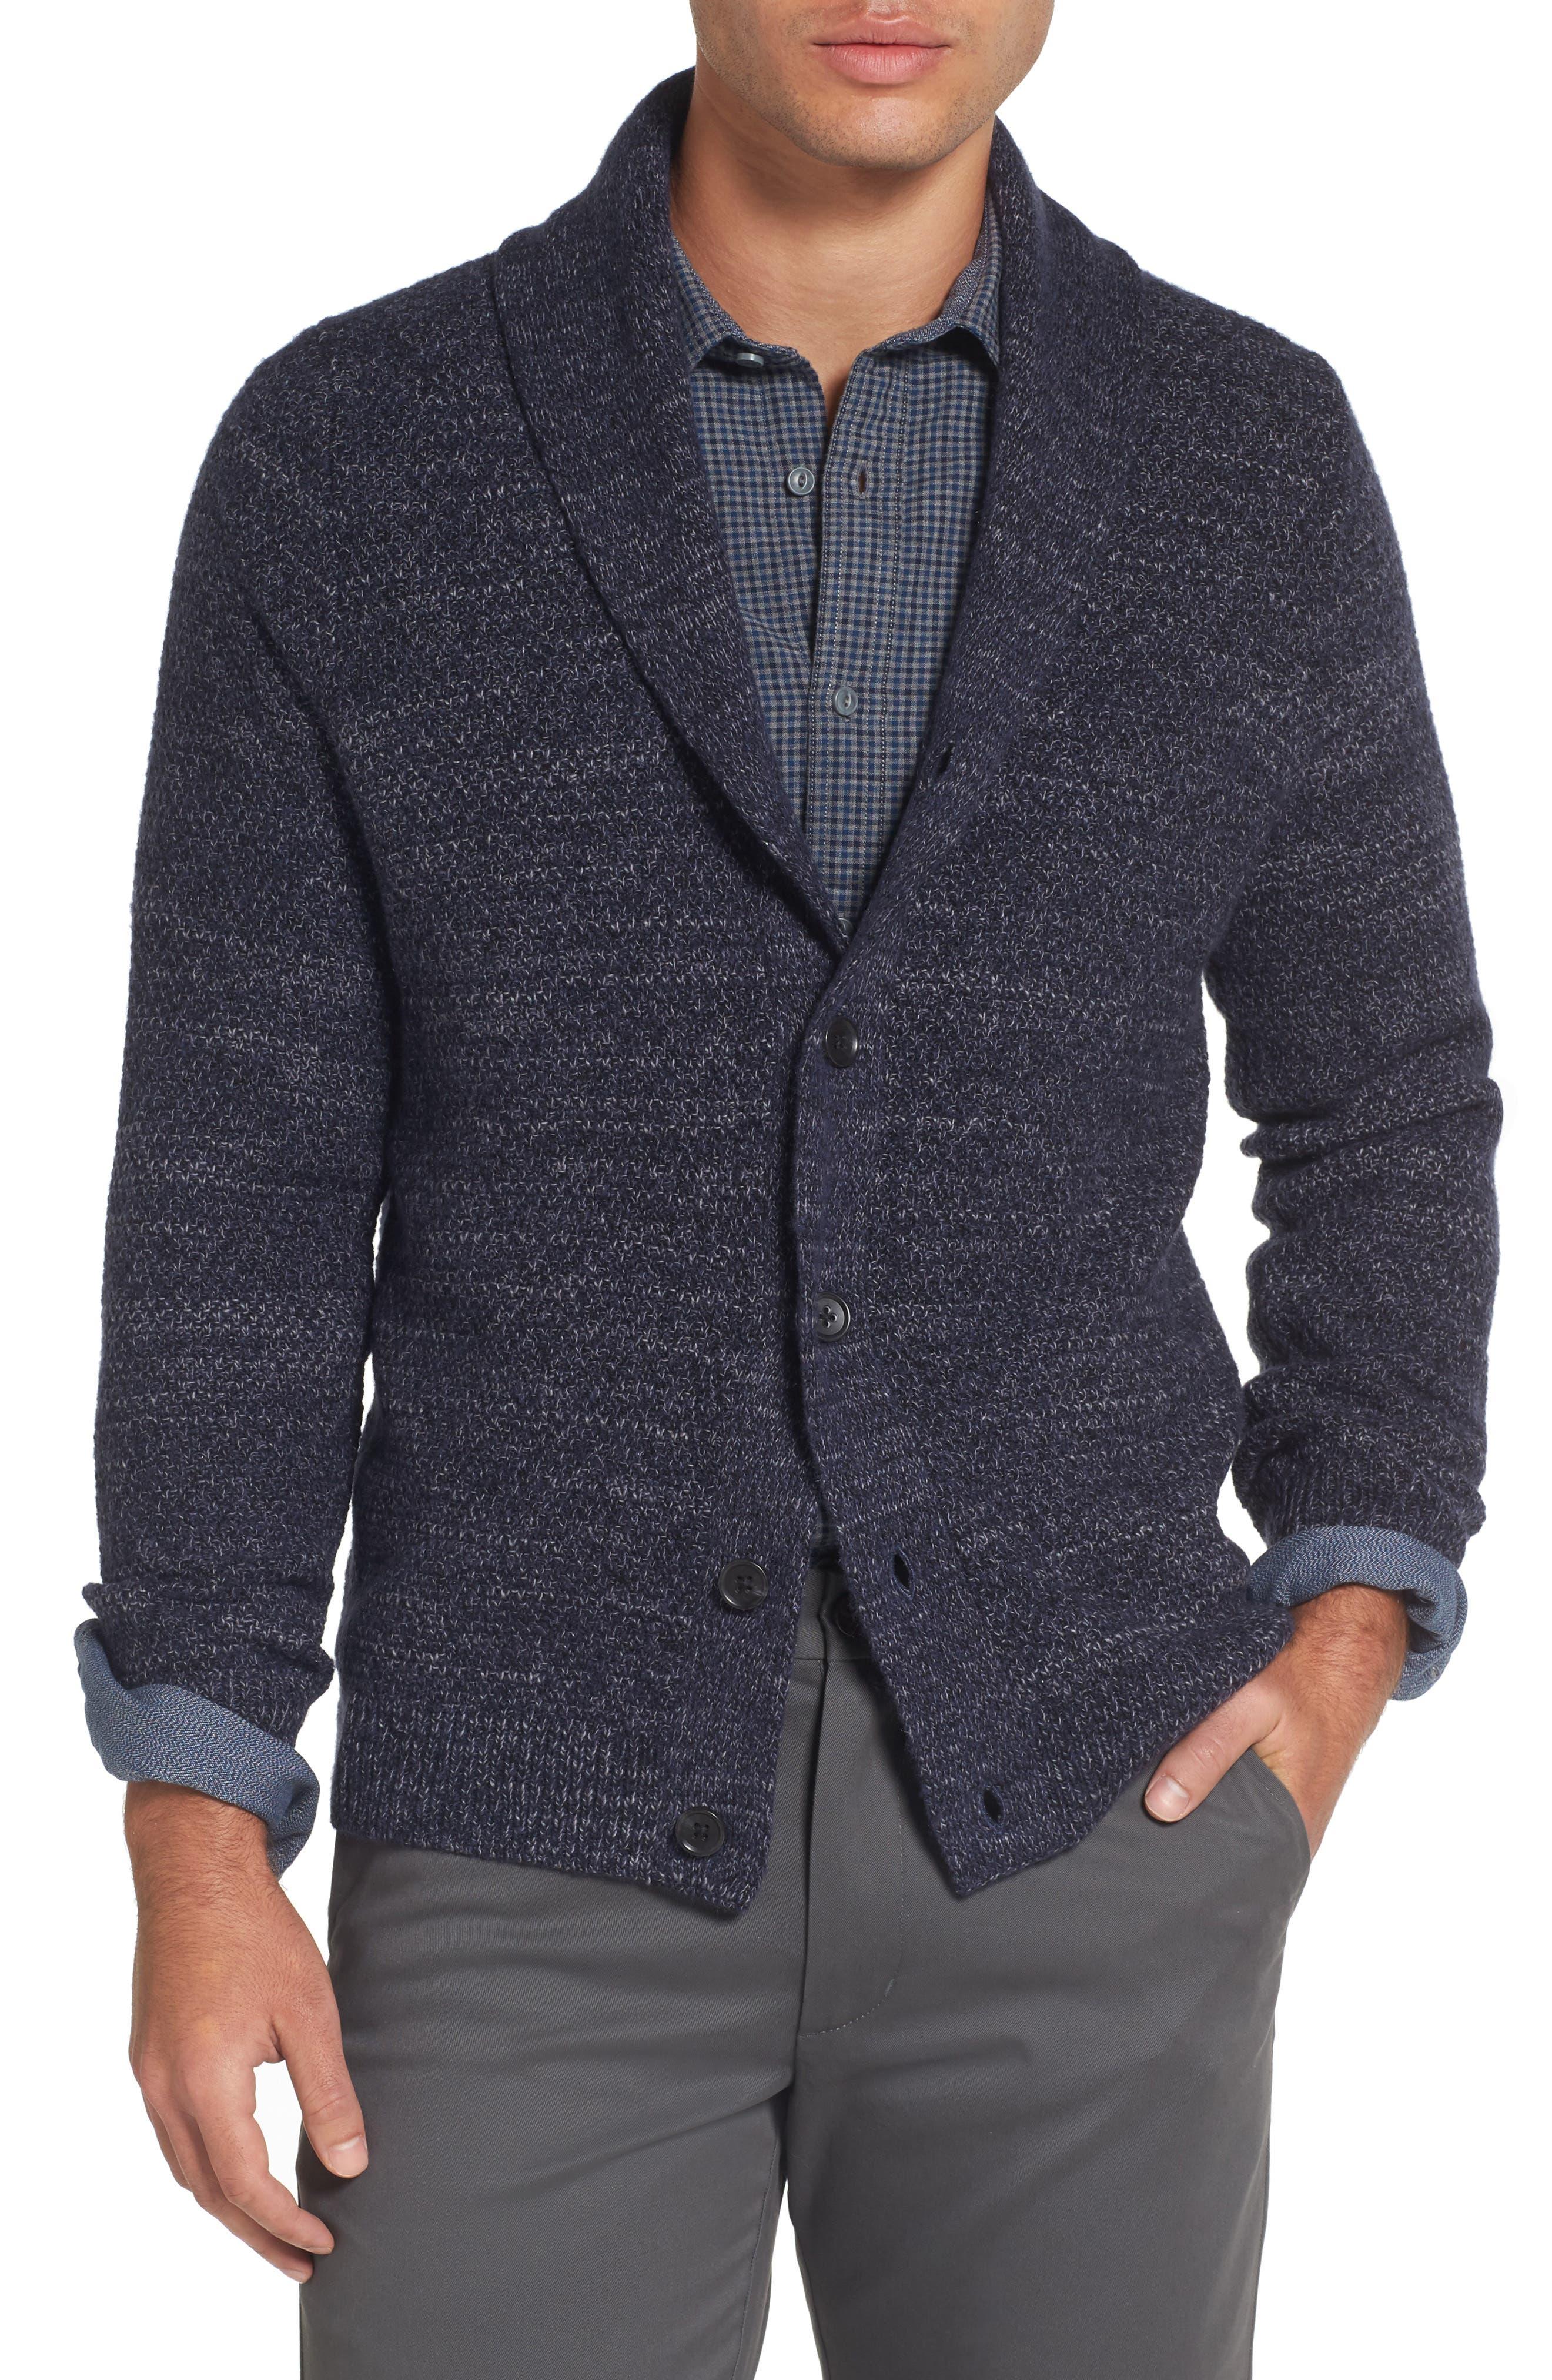 Nordstrom Men's Shop Shawl Collar Cardigan